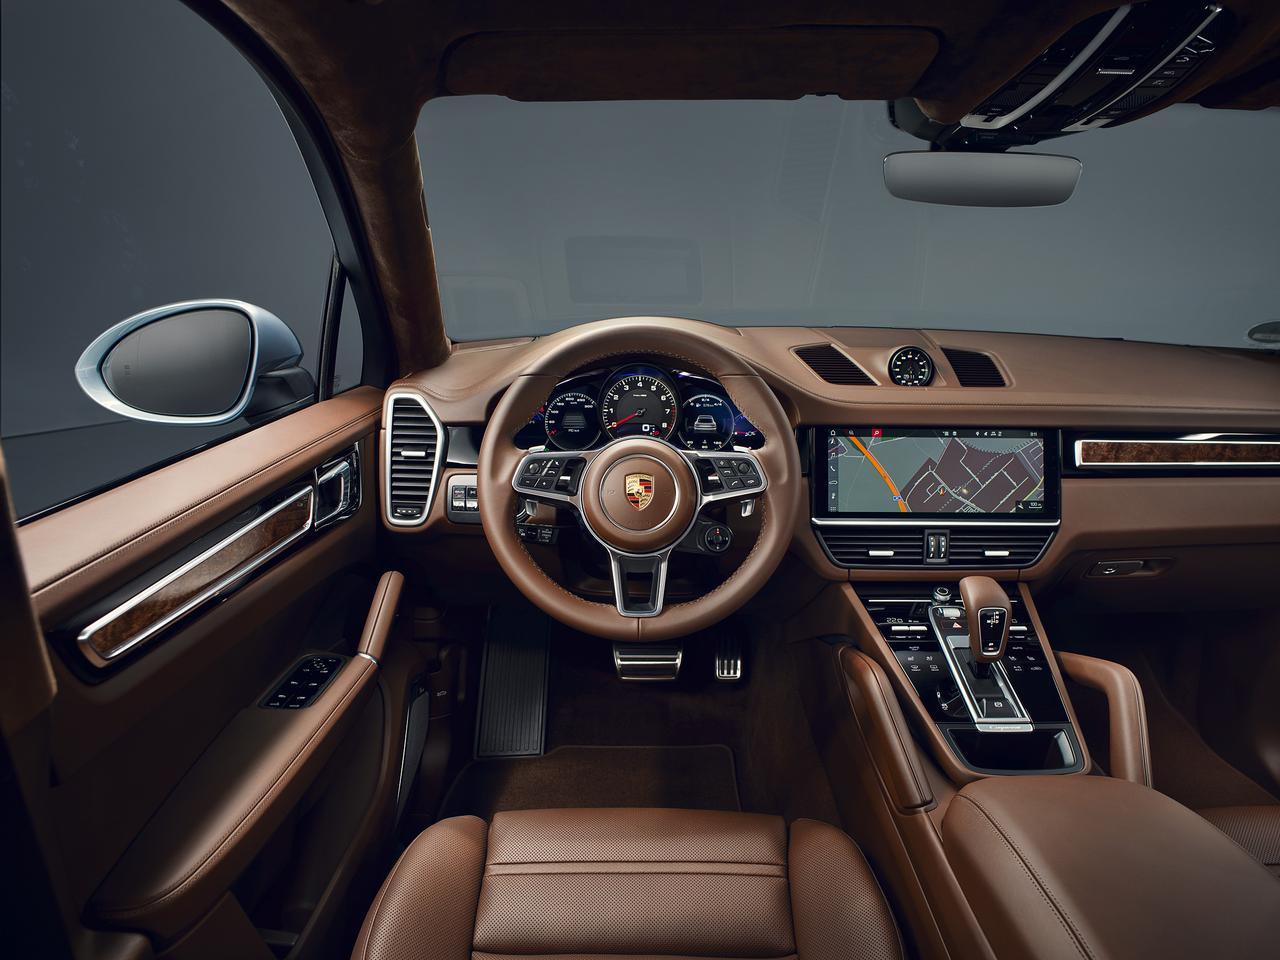 Images : 9番目の画像 - 「ポルシェ カイエンSクーペは、440psを発生する2.9L V6ターボ搭載。車両価格は1408万円で予約開始」のアルバム - Webモーターマガジン